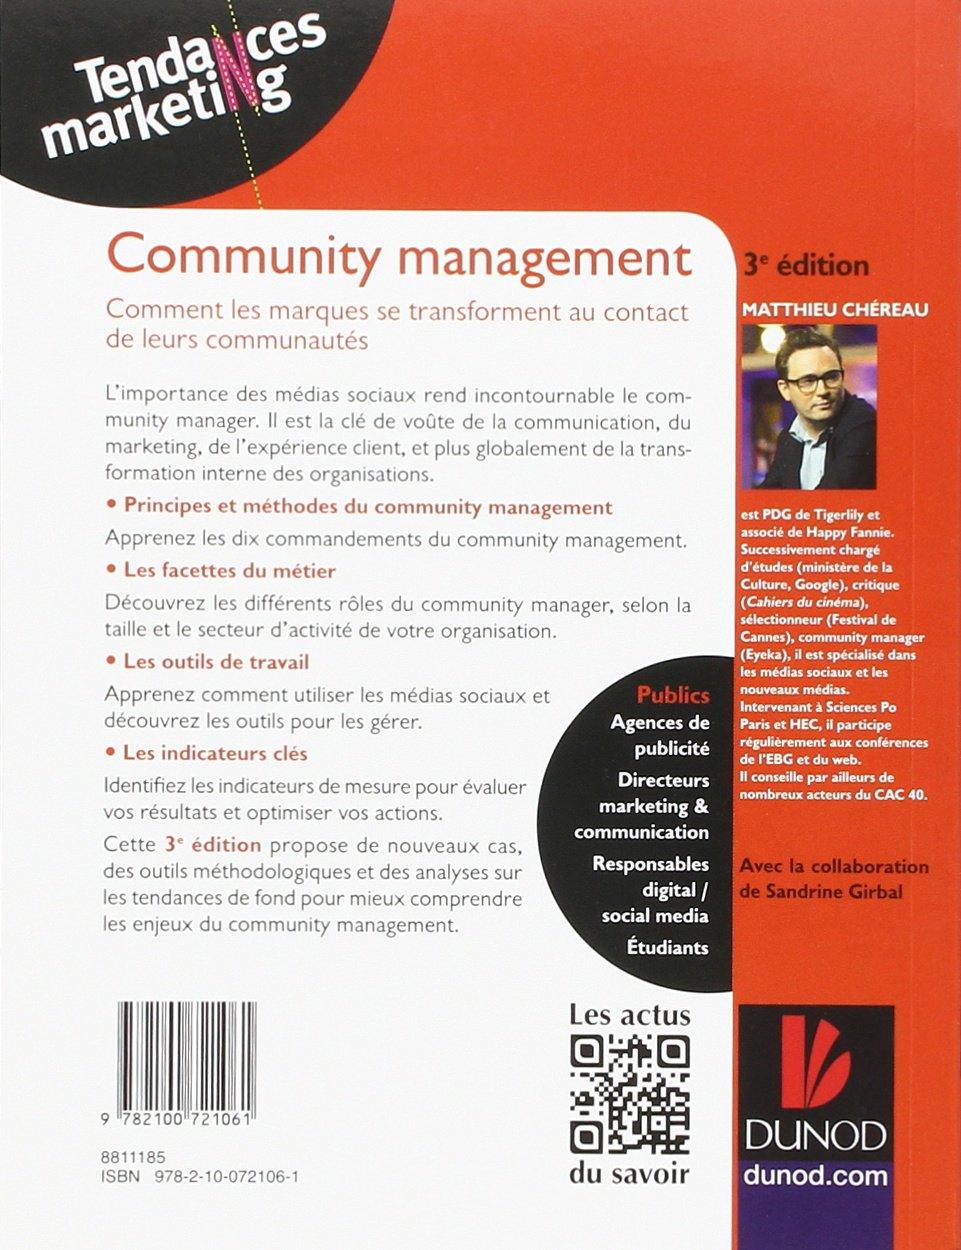 Community management - 3e éd. - Comment les marques se transforment au contact de leurs communautés Tendances Marketing: Amazon.es: Matthieu Chereau: Libros ...